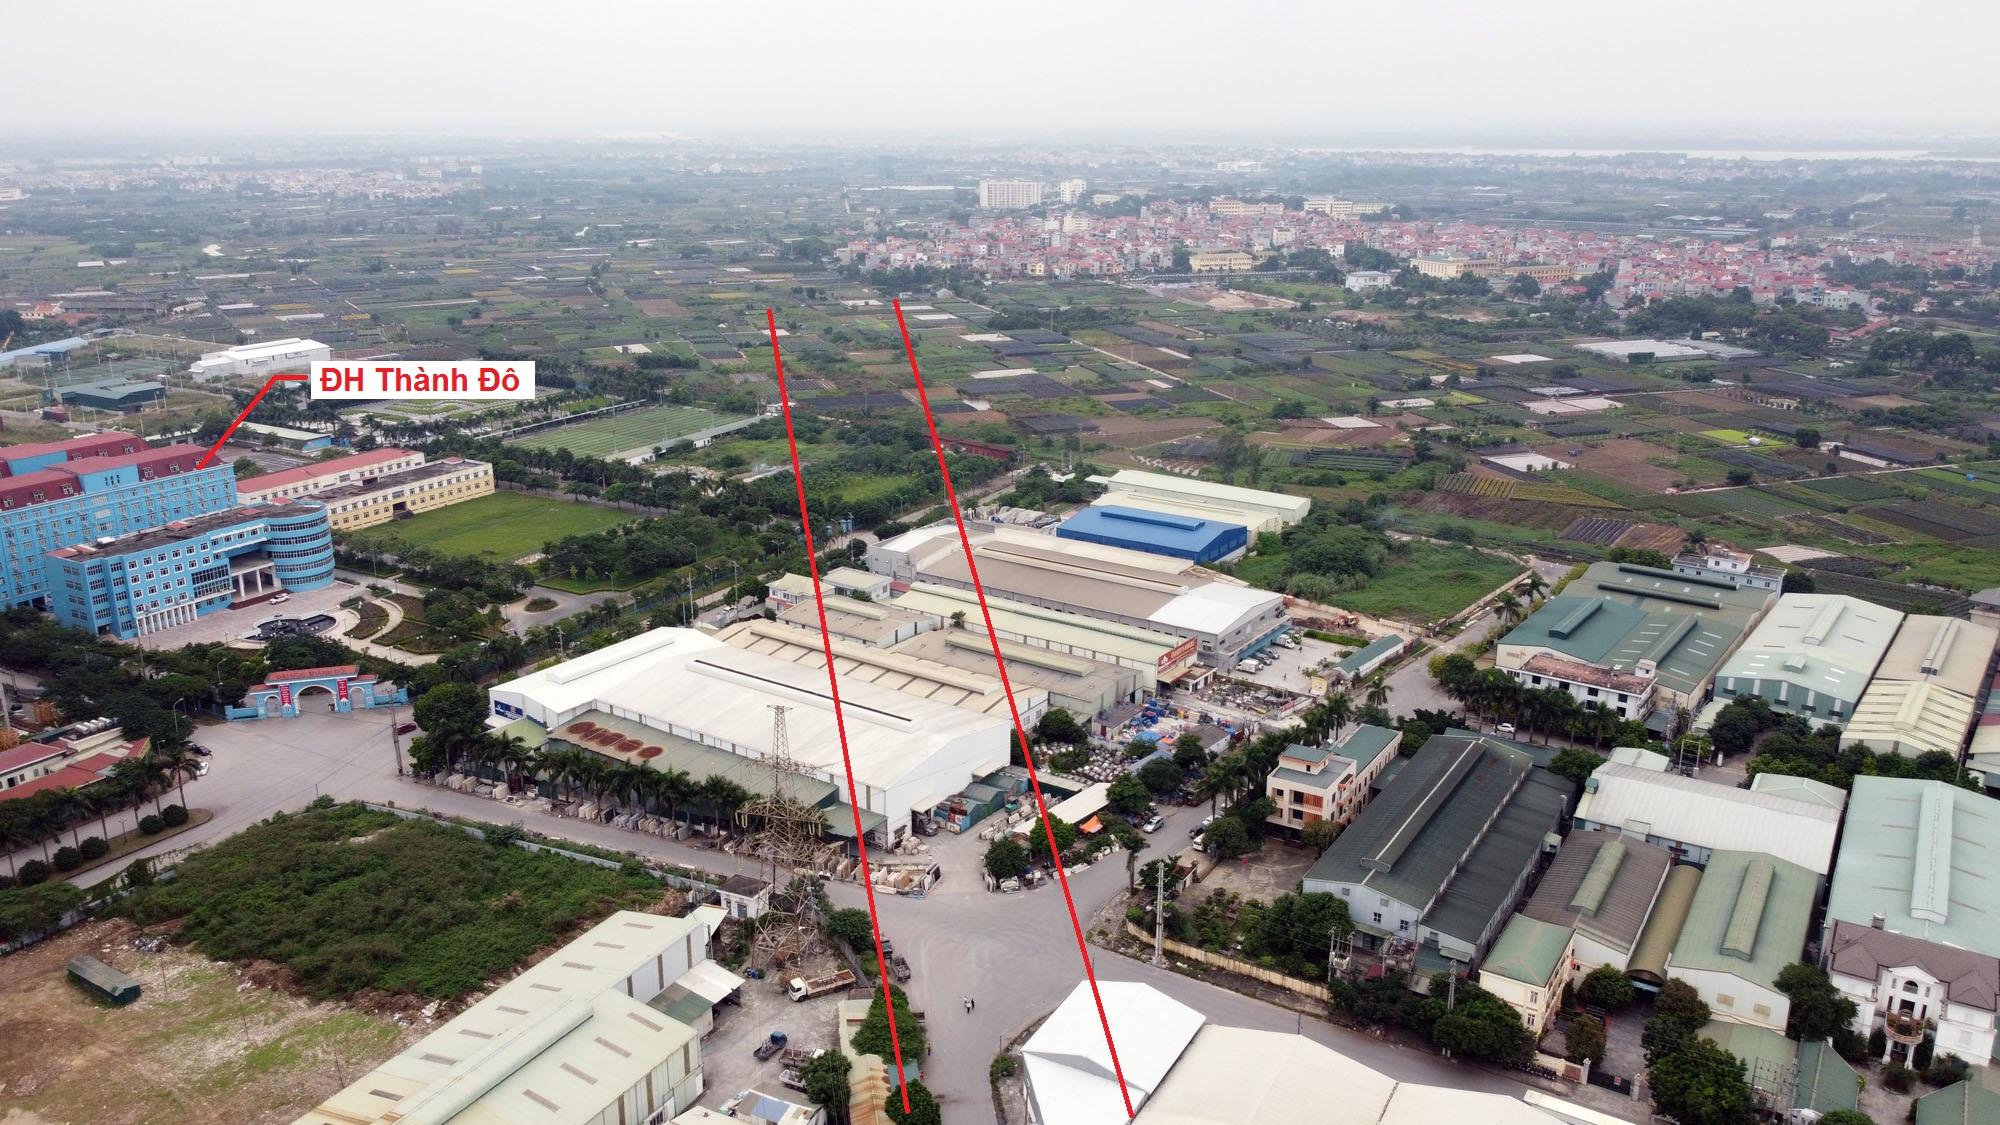 Ba đường sẽ mở theo qui hoạch ở xã Kim Chung, Hoài Đức, Hà Nội - Ảnh 5.